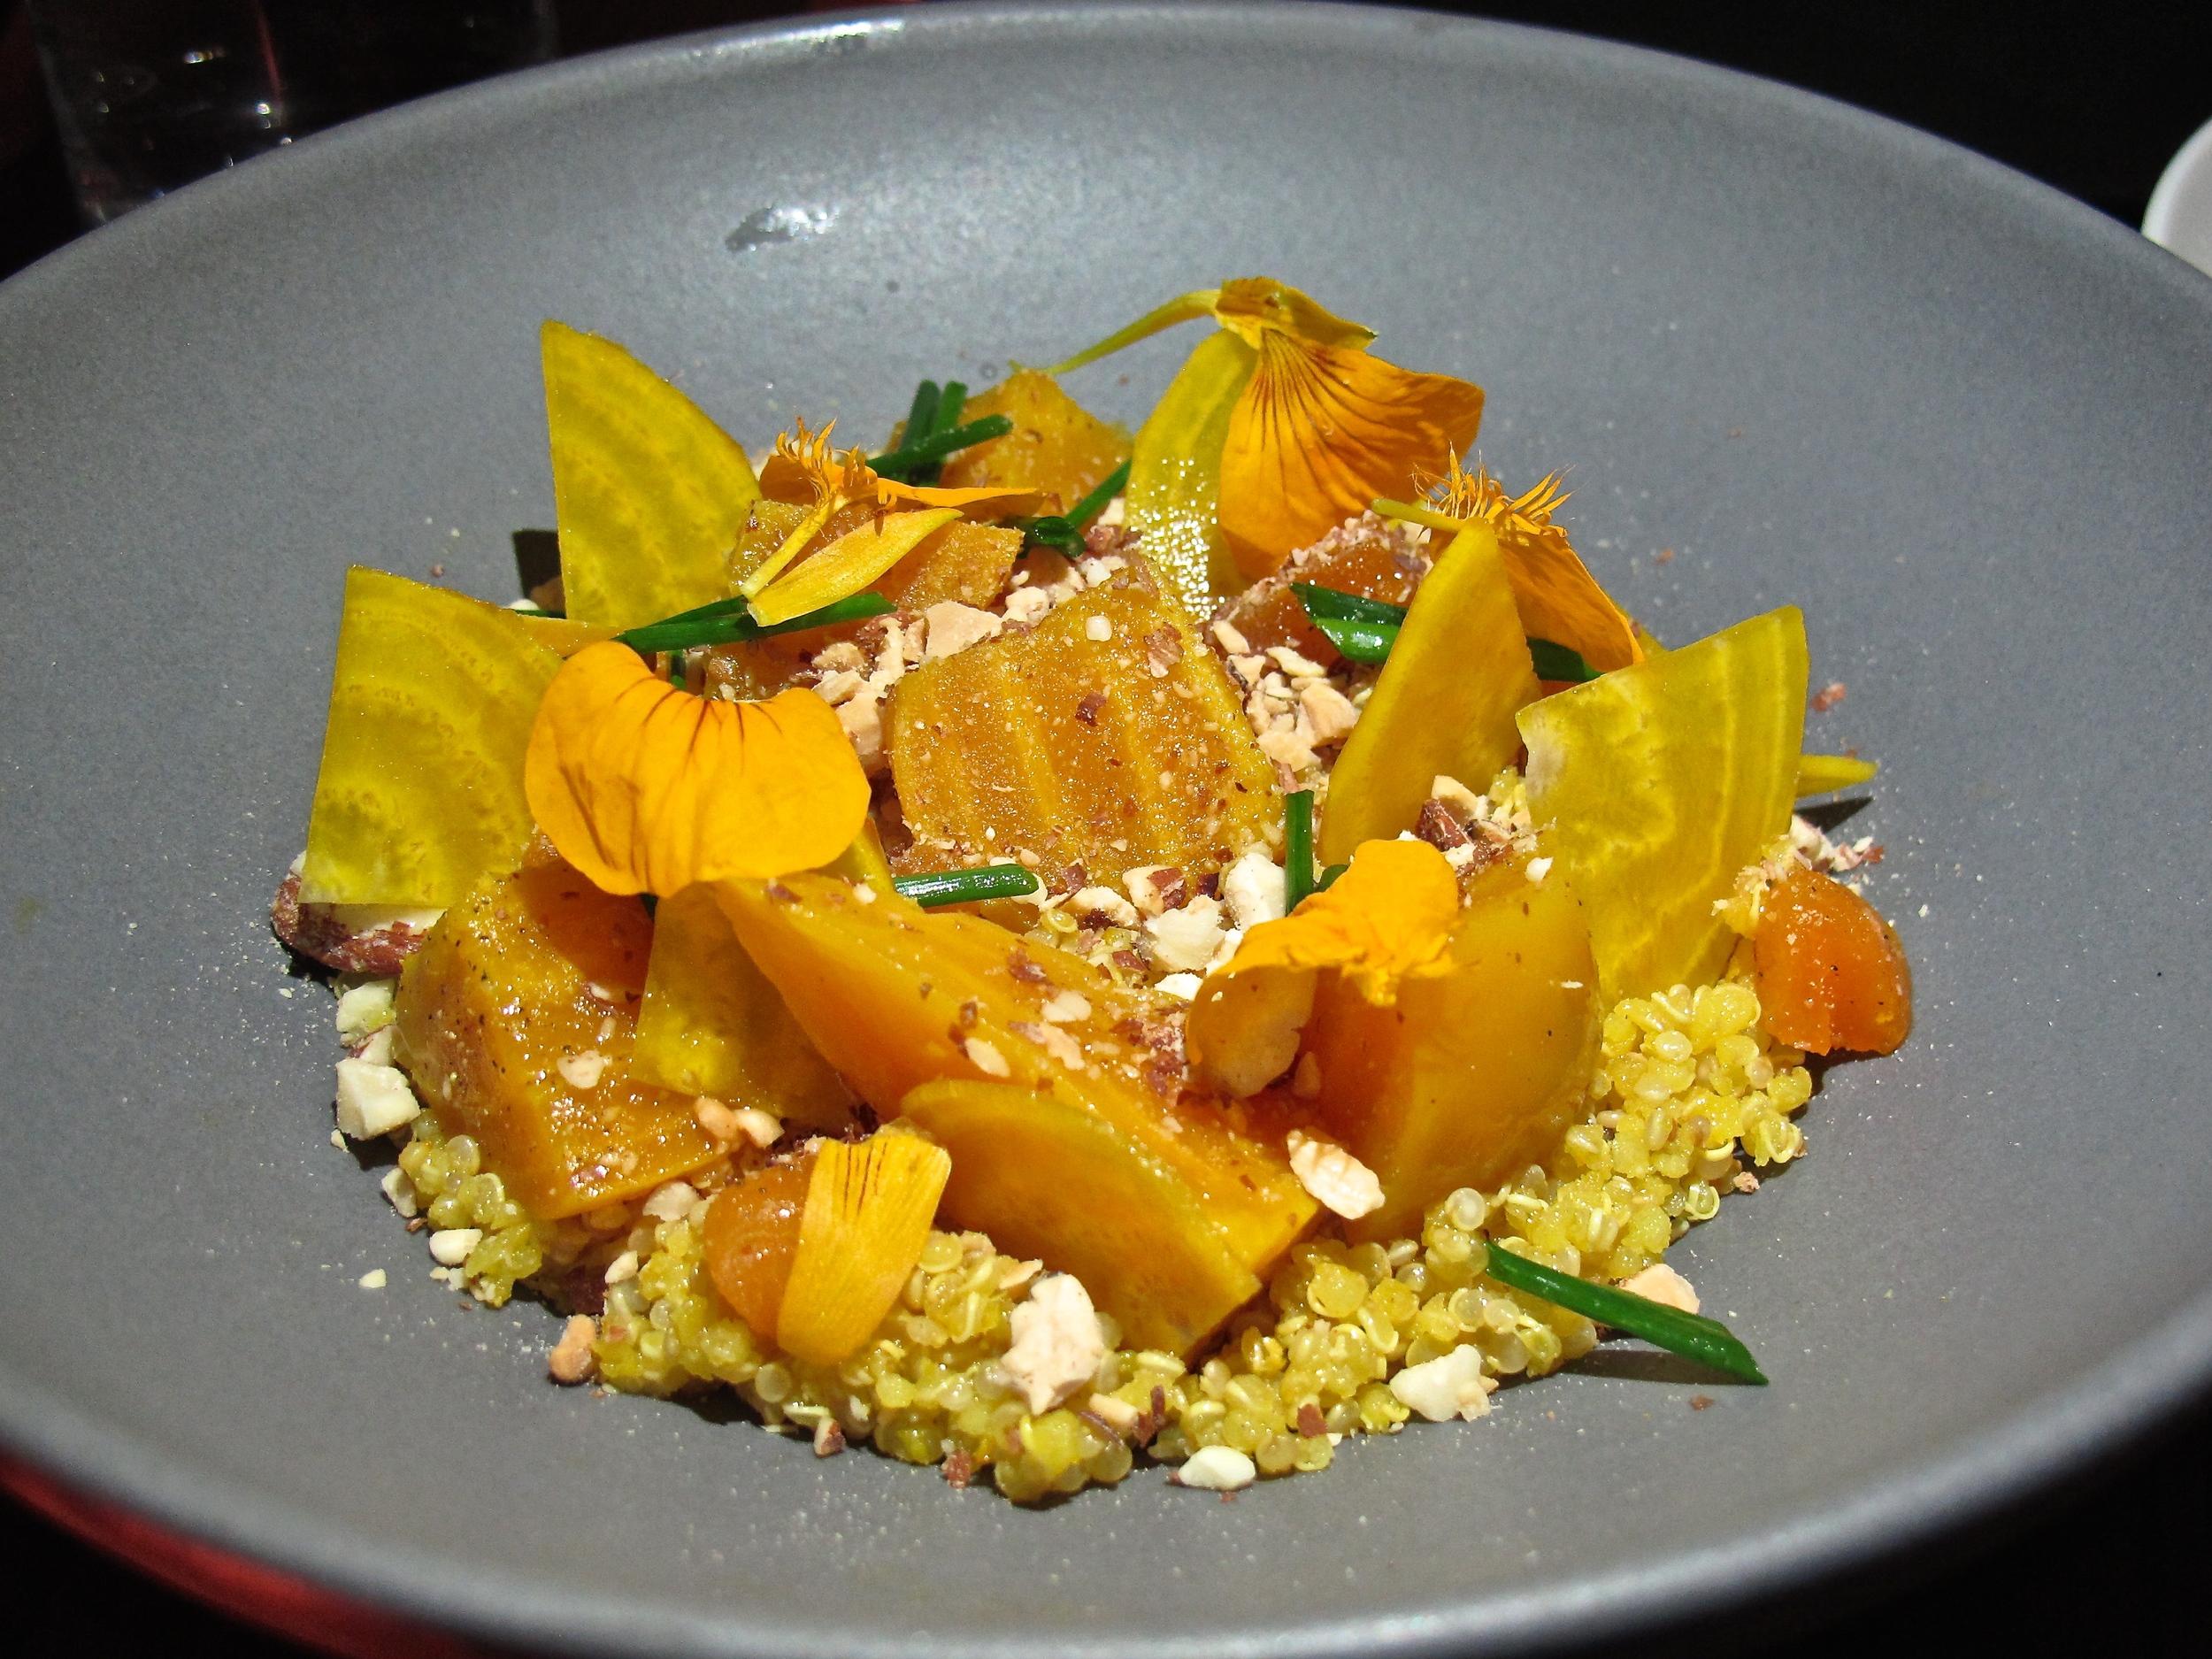 Aestus quinoa bowl